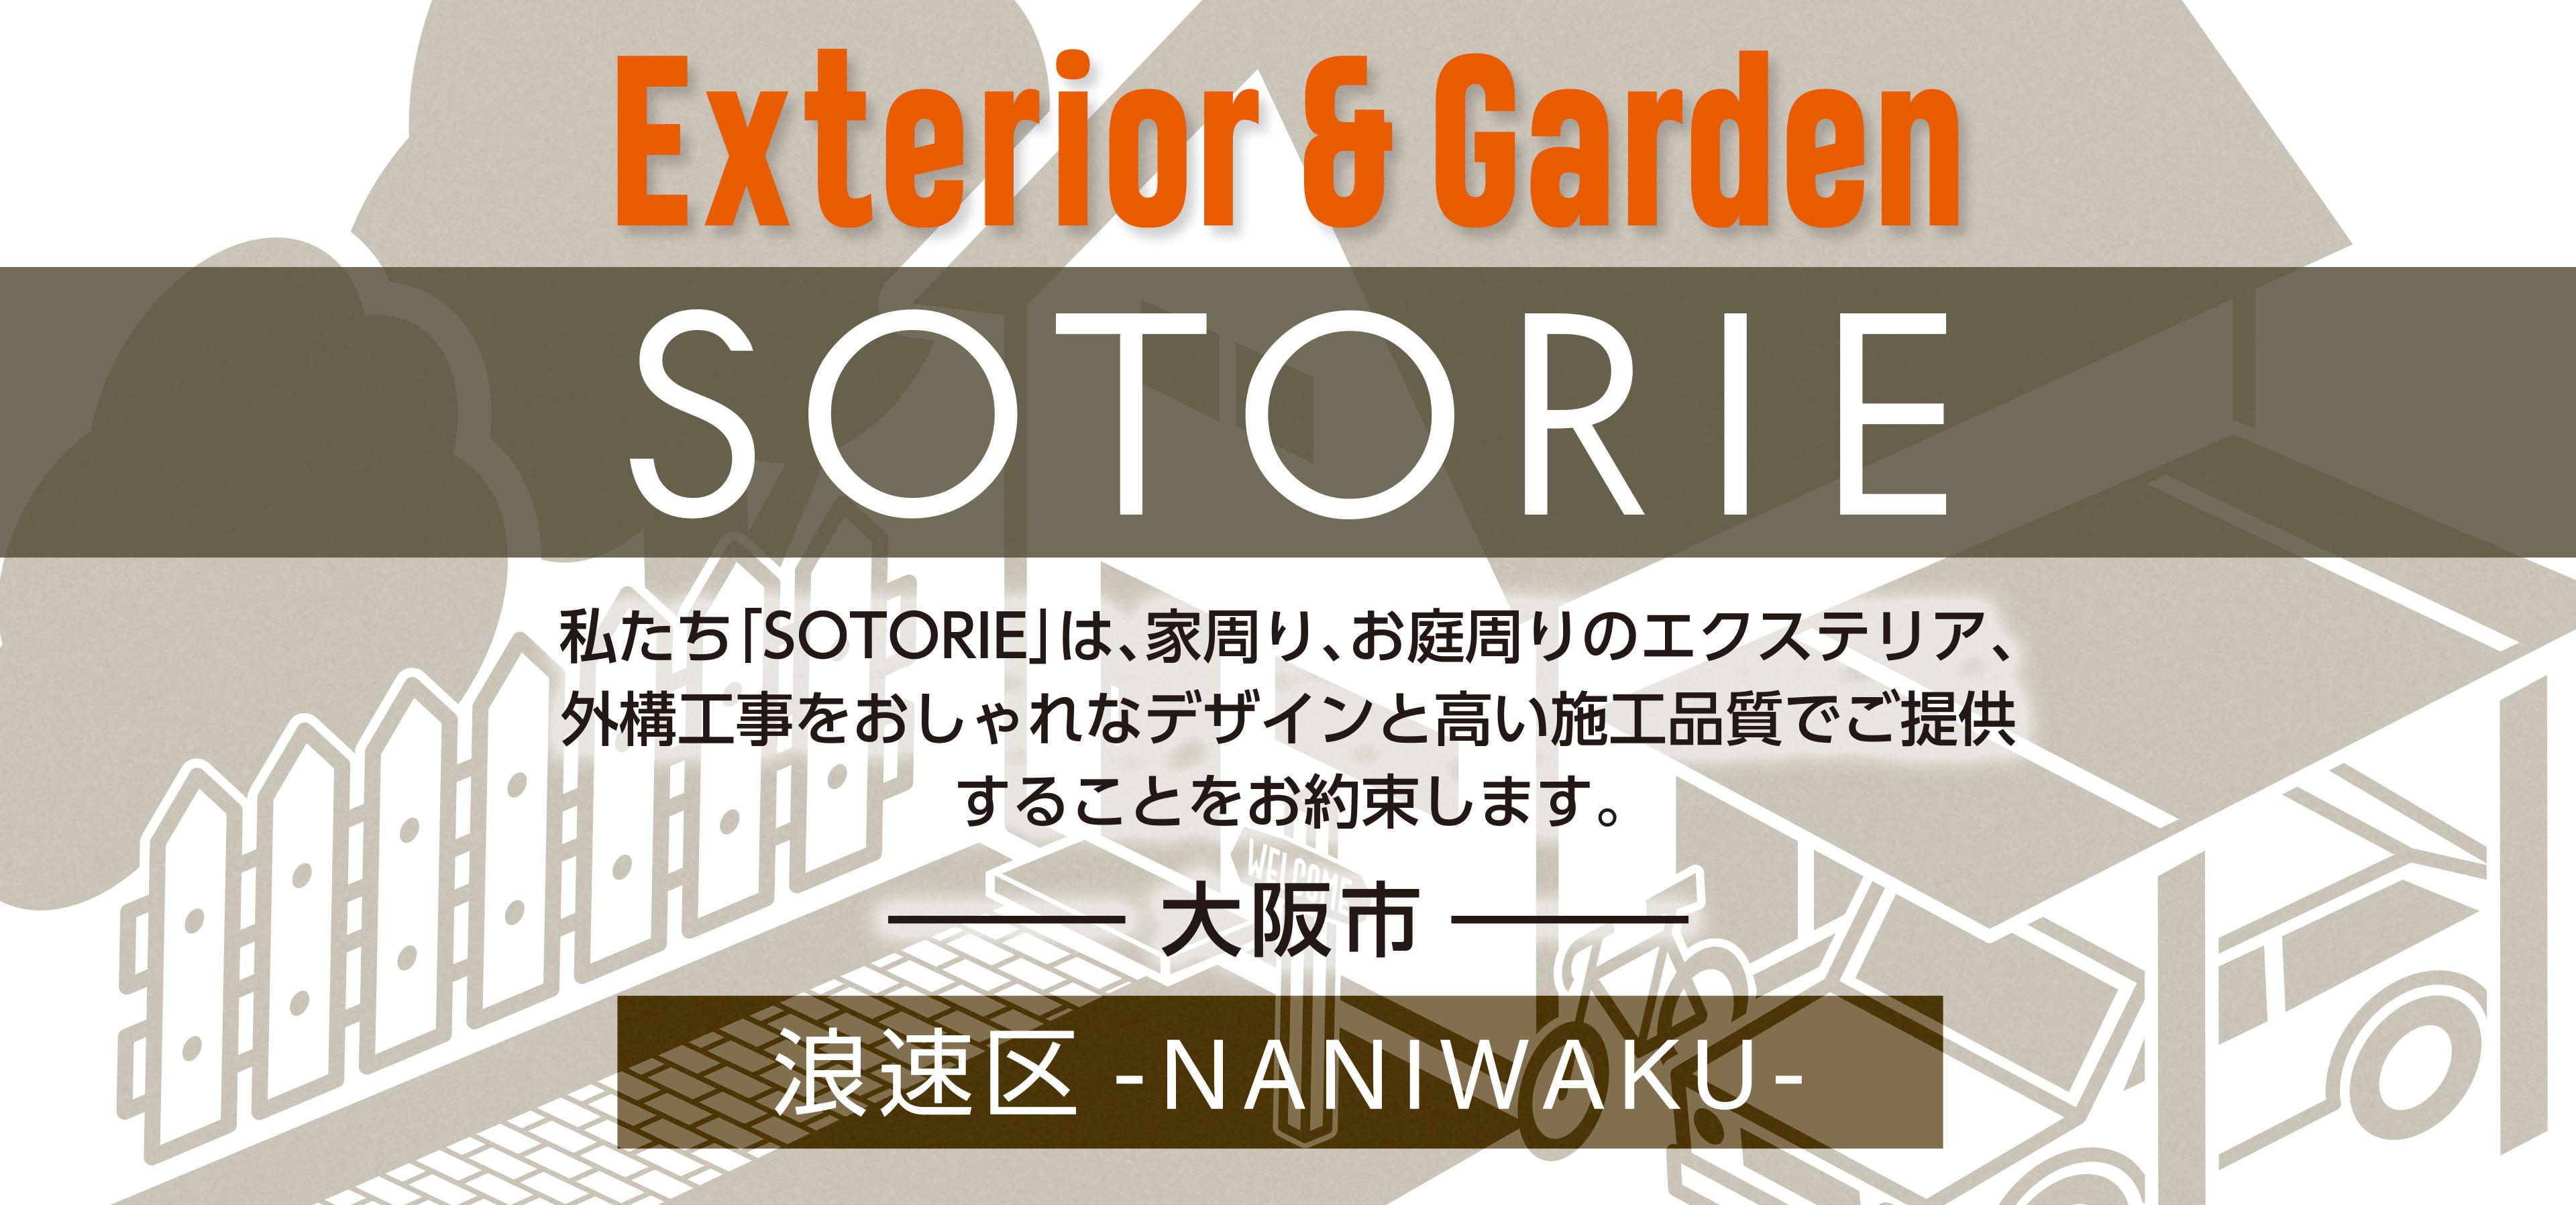 ソトリエ大阪市浪速区では、家周りと庭周りの外構、エクステリア工事をおしゃれなデザインと高い施工品質でご提供することをお約束します。